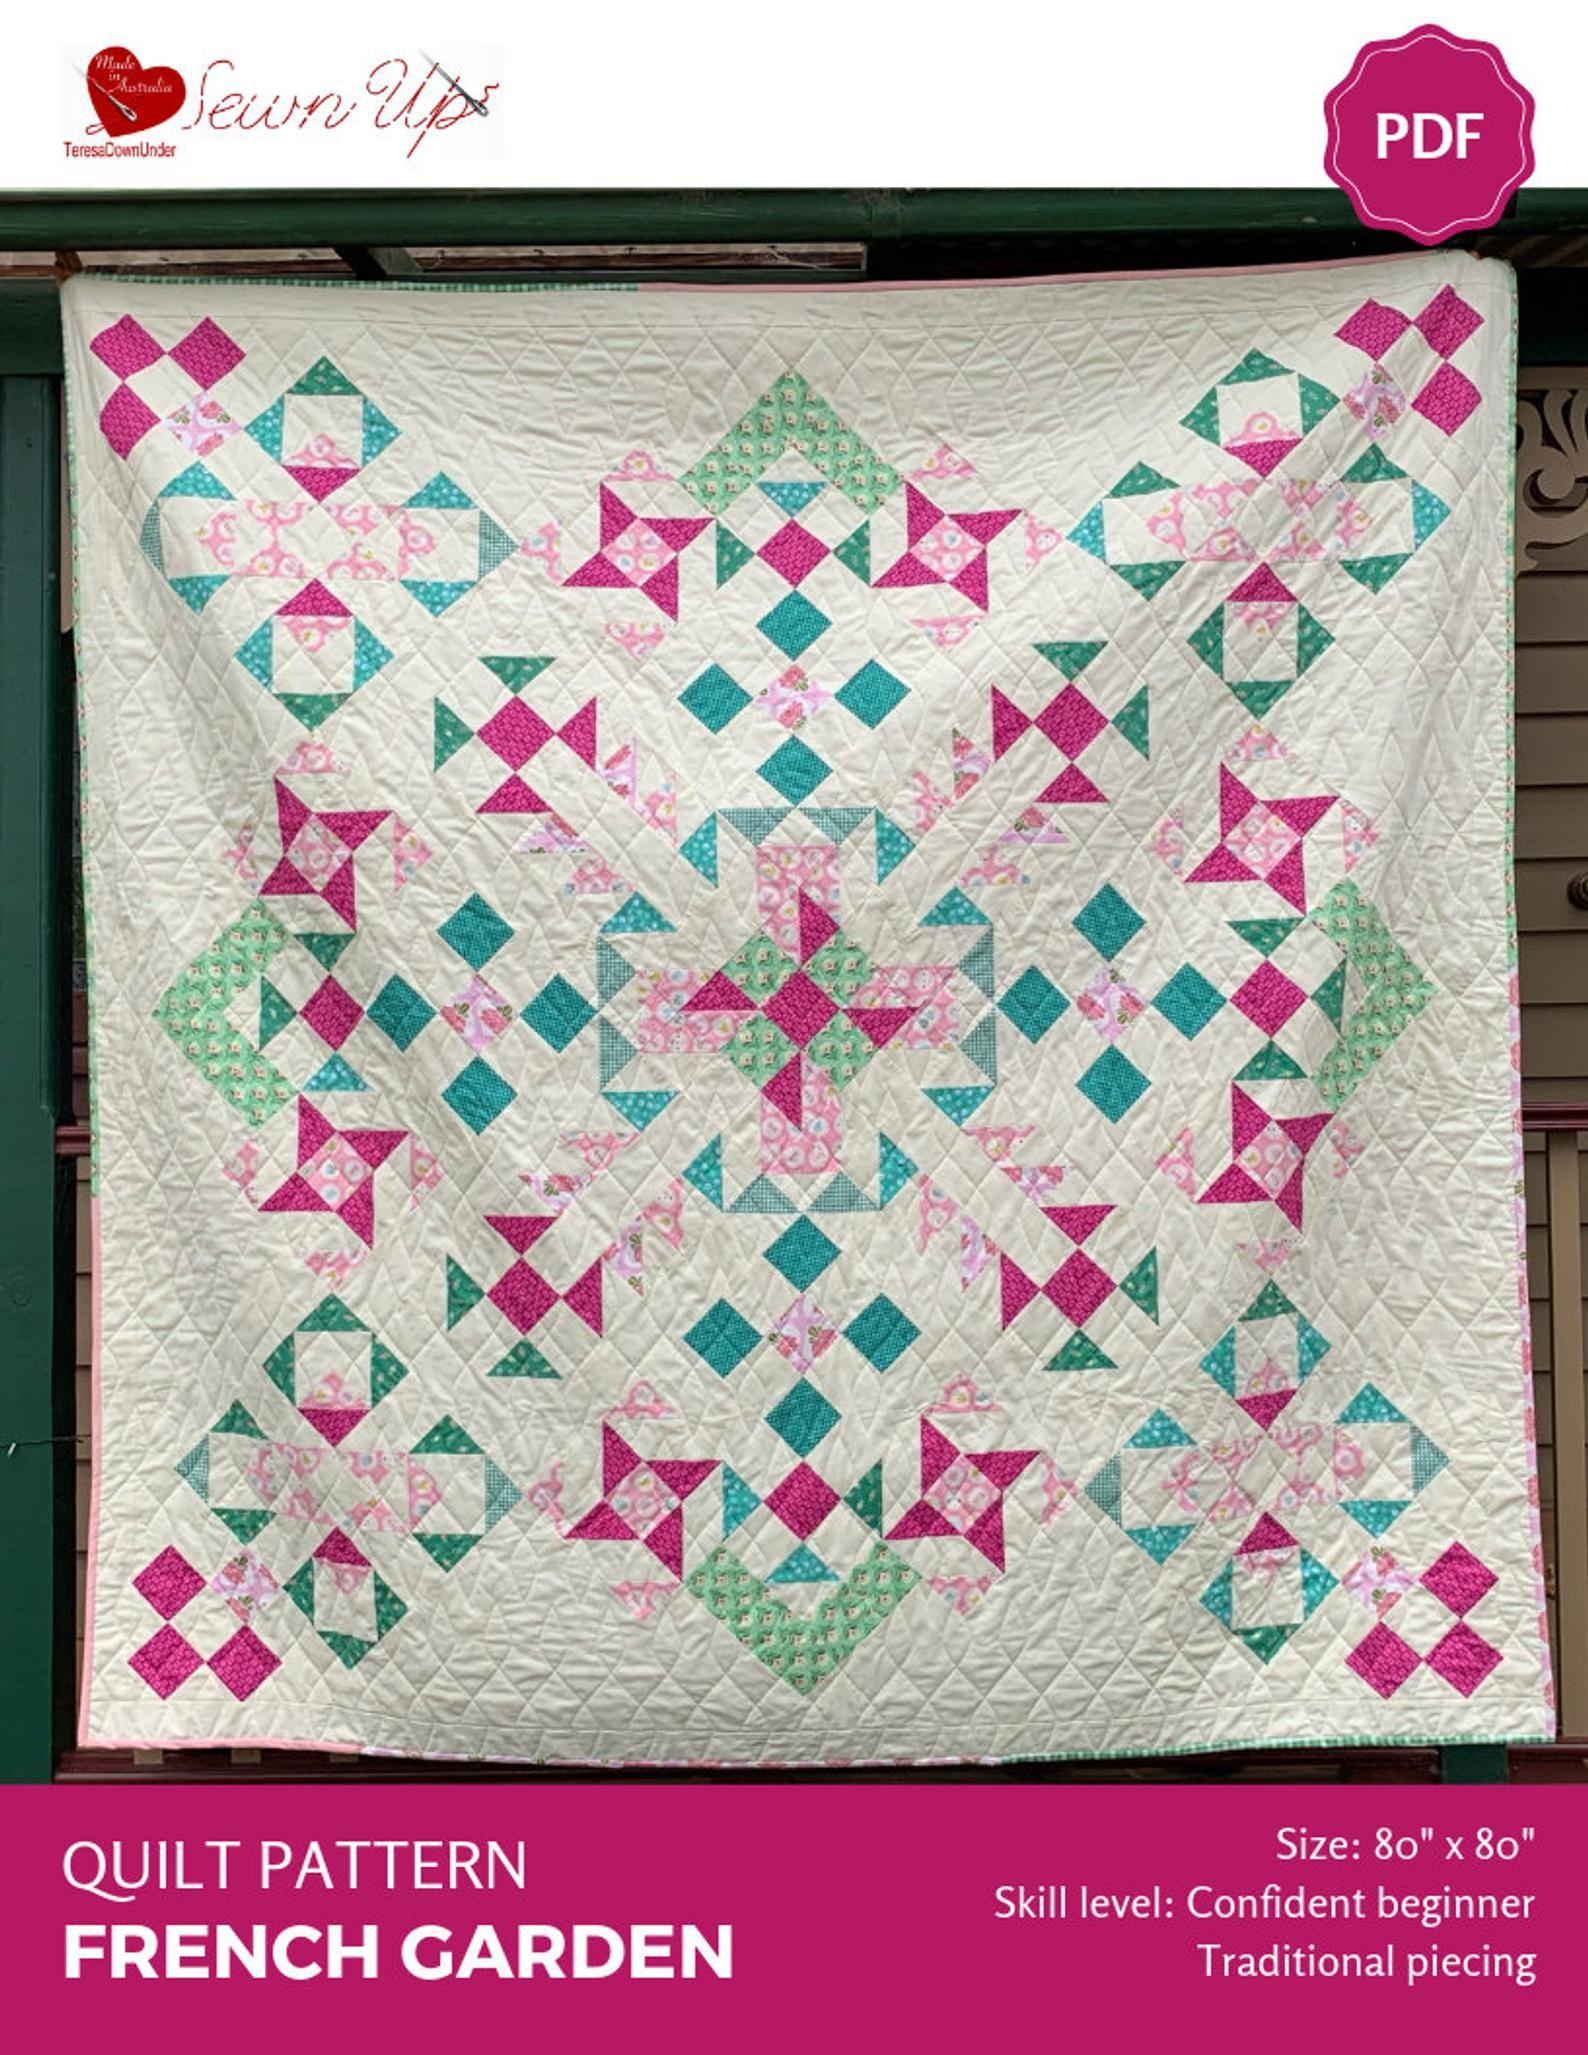 French Garden Quilt Pattern